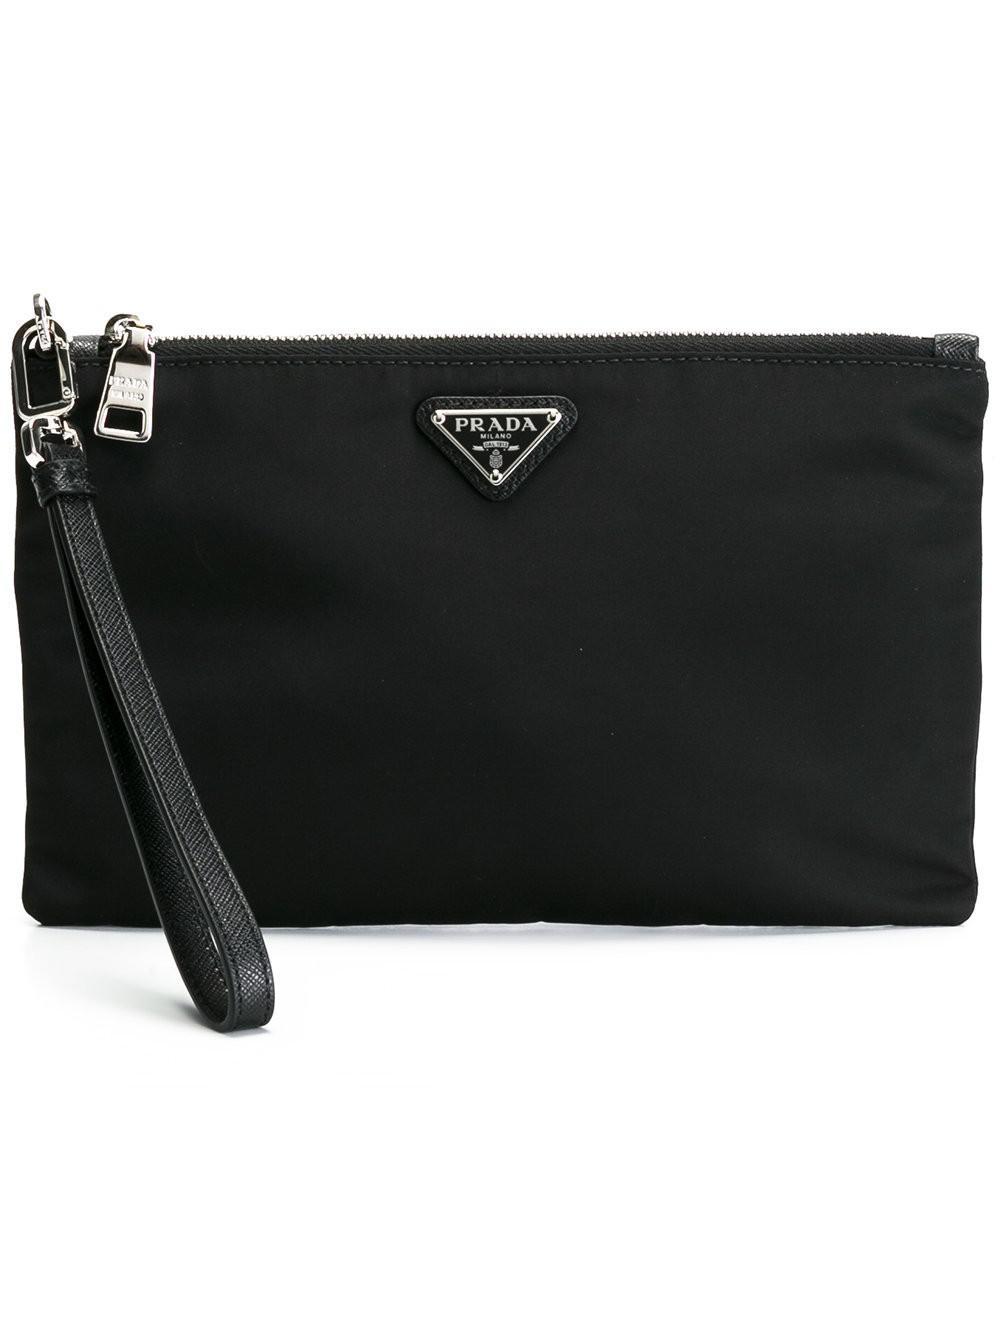 logo plaque zipped clutch - Black Prada YjIvDl